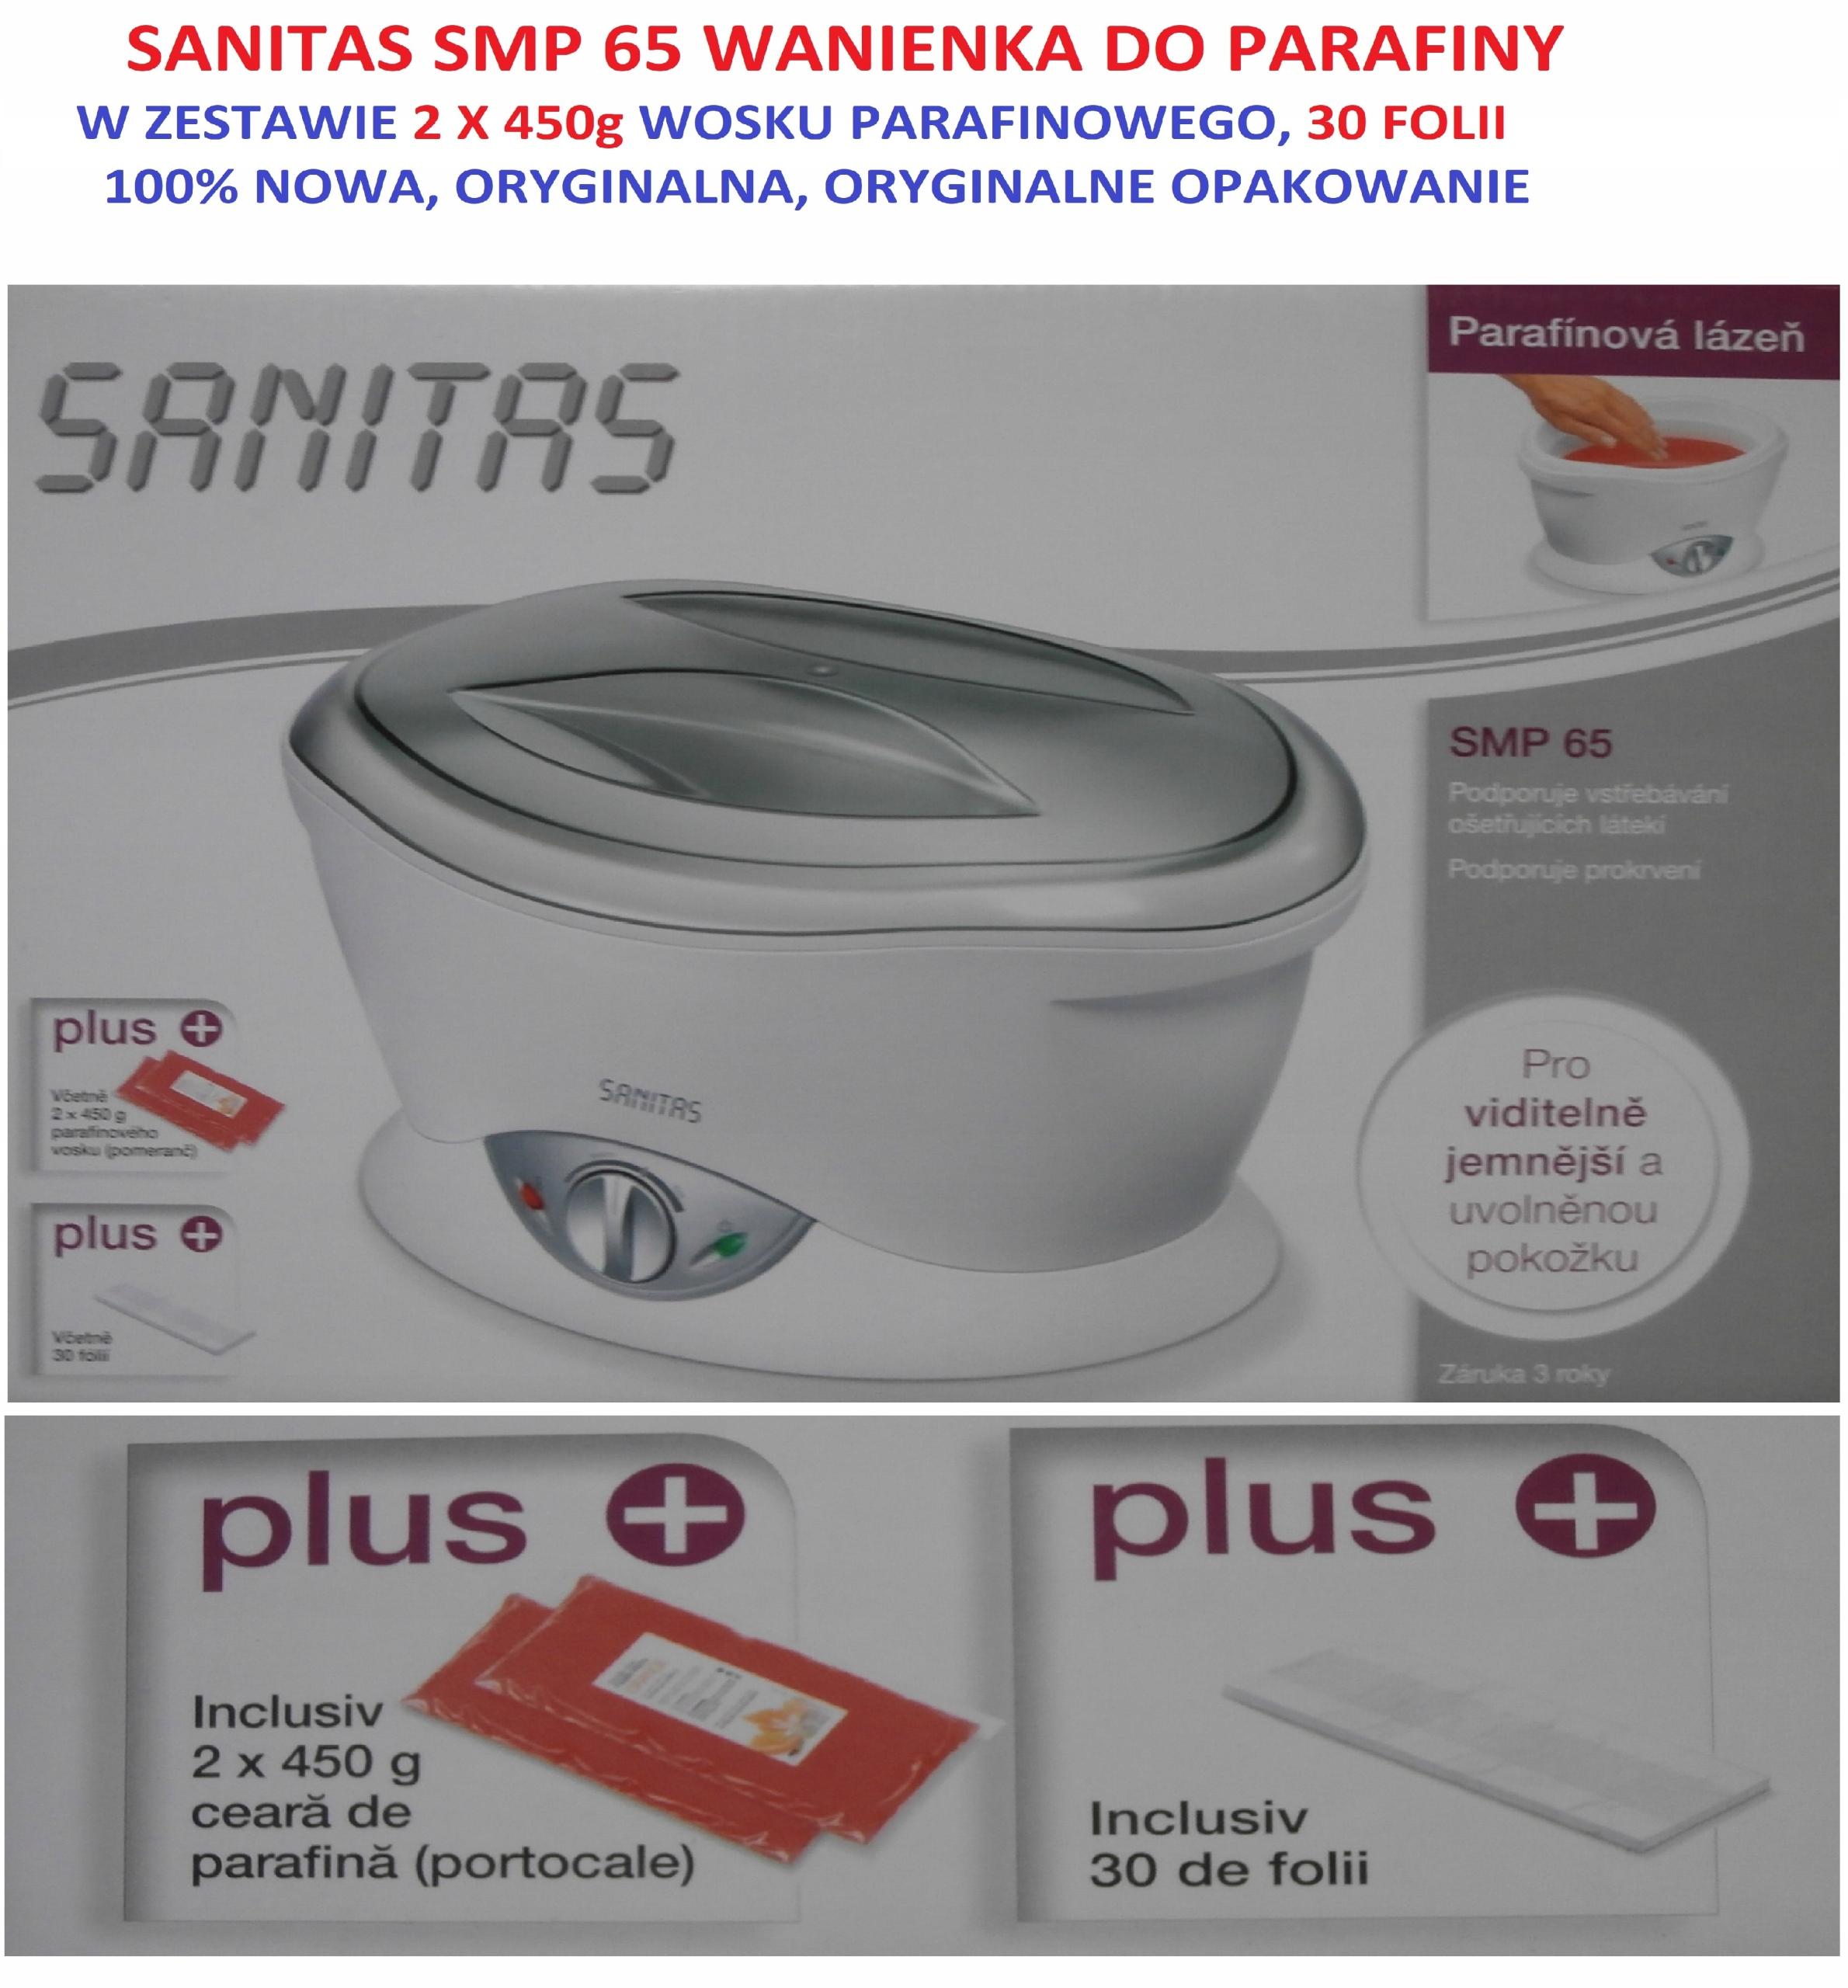 SANITAS SMP65 WANIENKA DO PARAFINY jak Beurer MP70